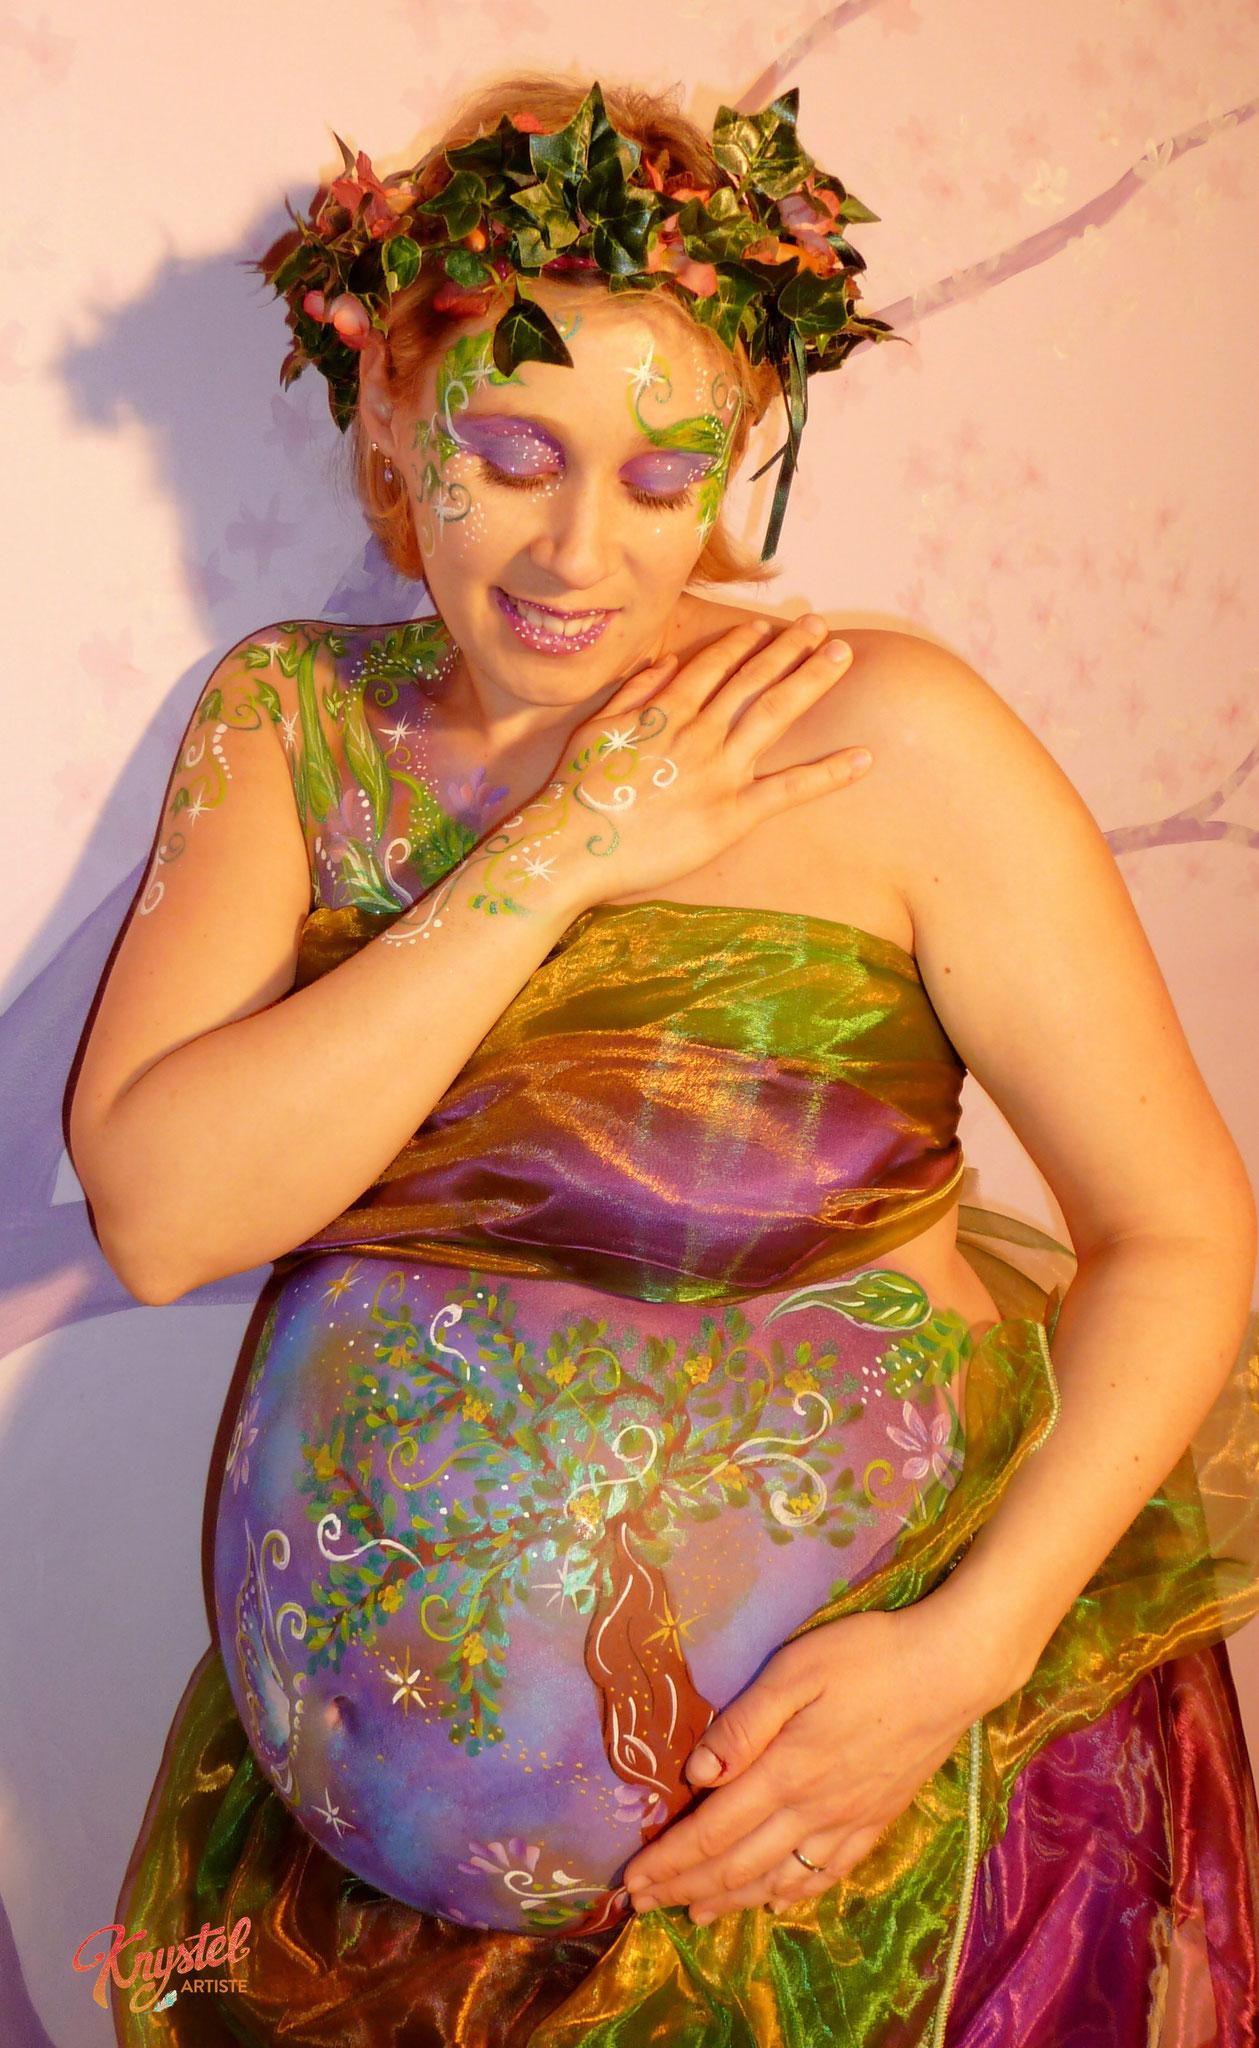 séance art prénatal, normandie